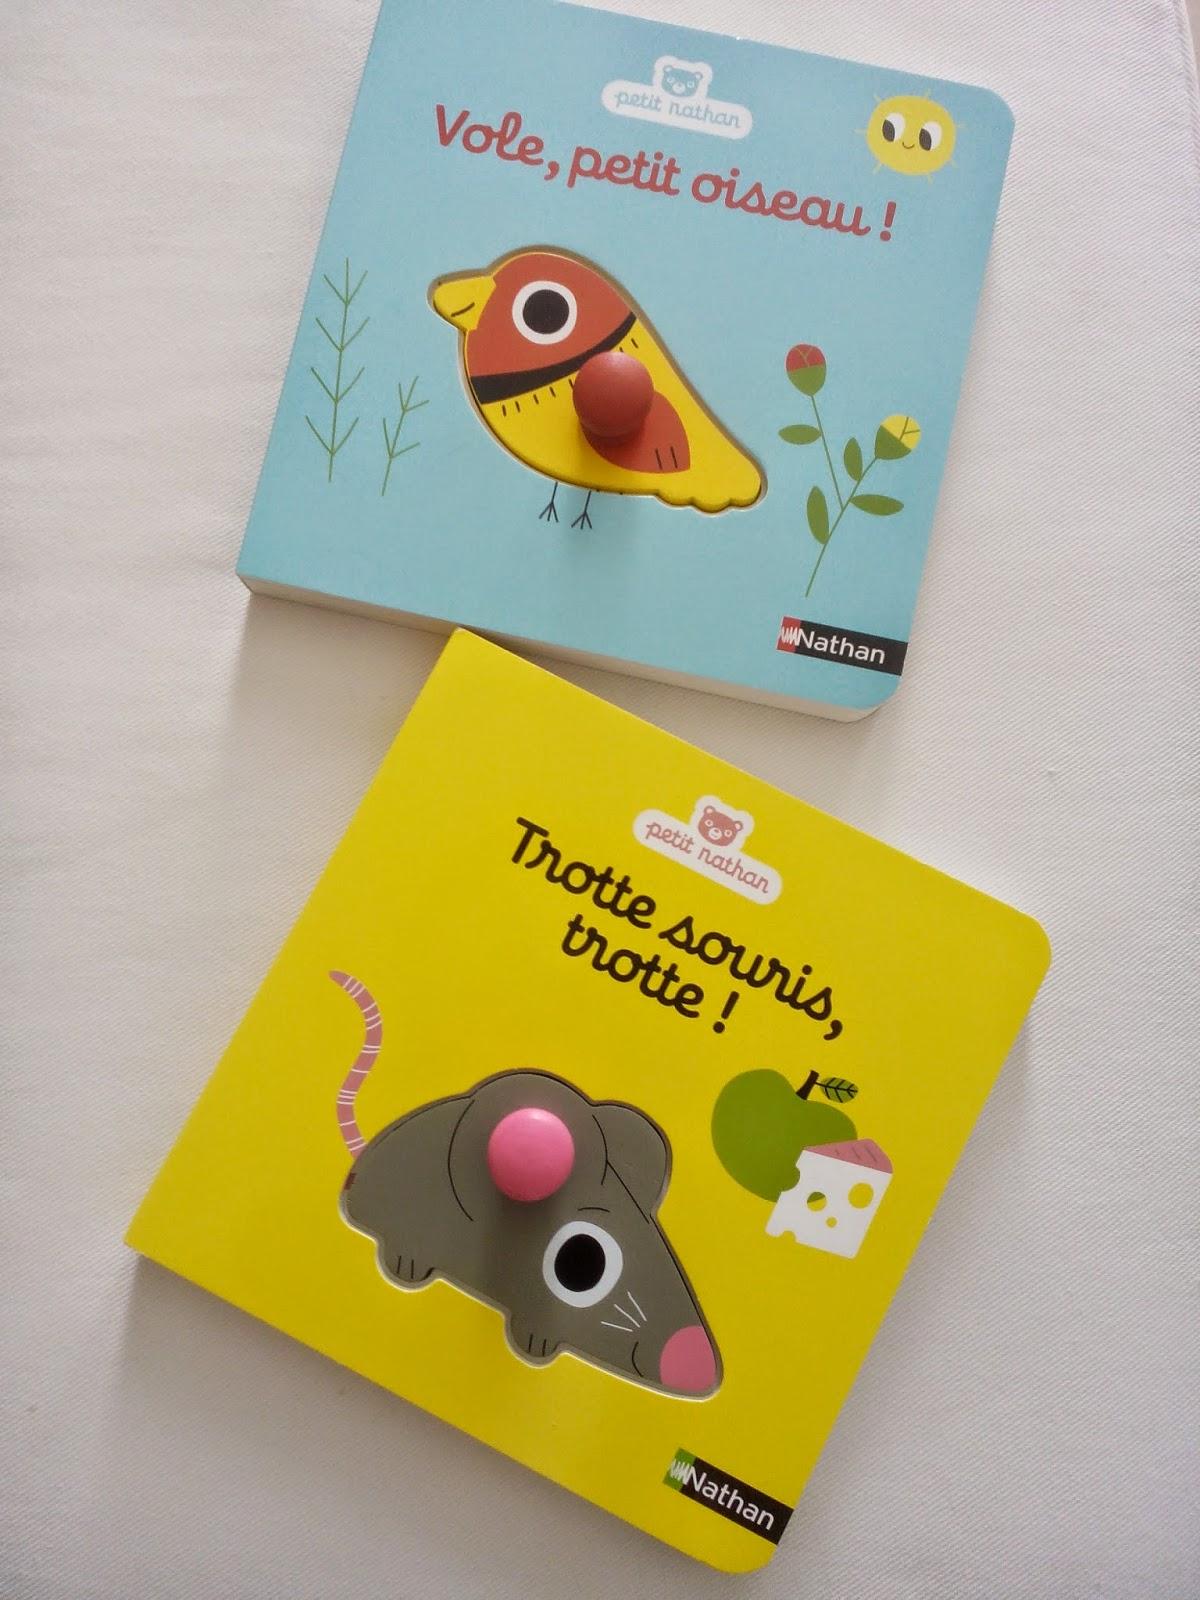 Sous Le Feuillage: Vole, Petit Oiseau ! - Trotte Souris encequiconcerne Vol Petit Oiseau